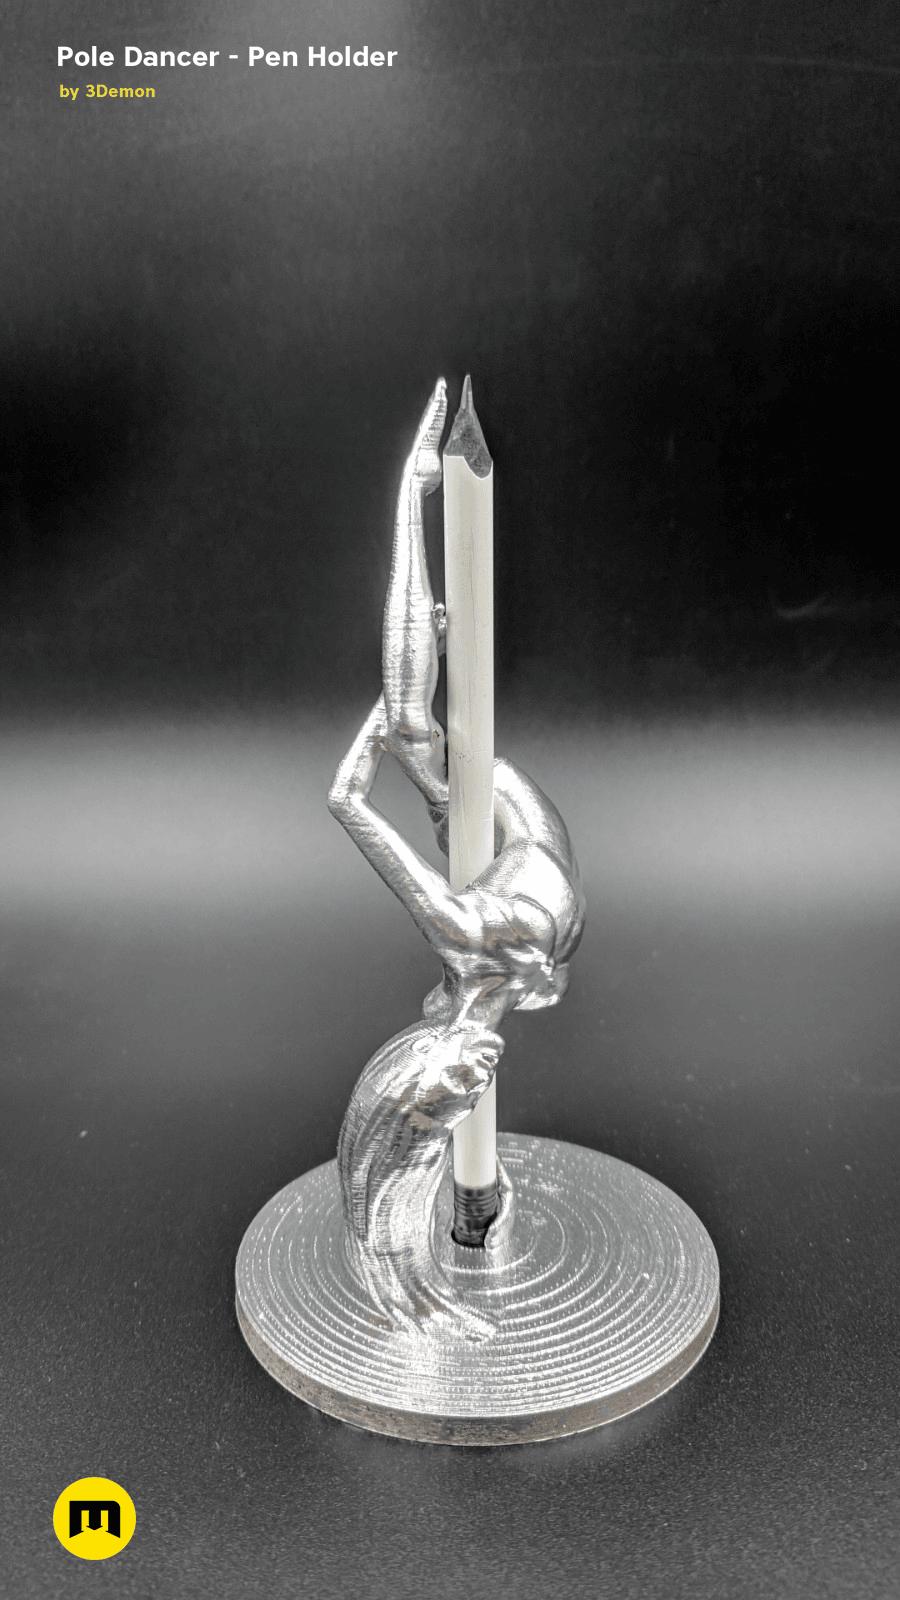 IMG_20190220_103341.png Download STL file Pole Dancer - Pen Holder • Object to 3D print, 3D-mon